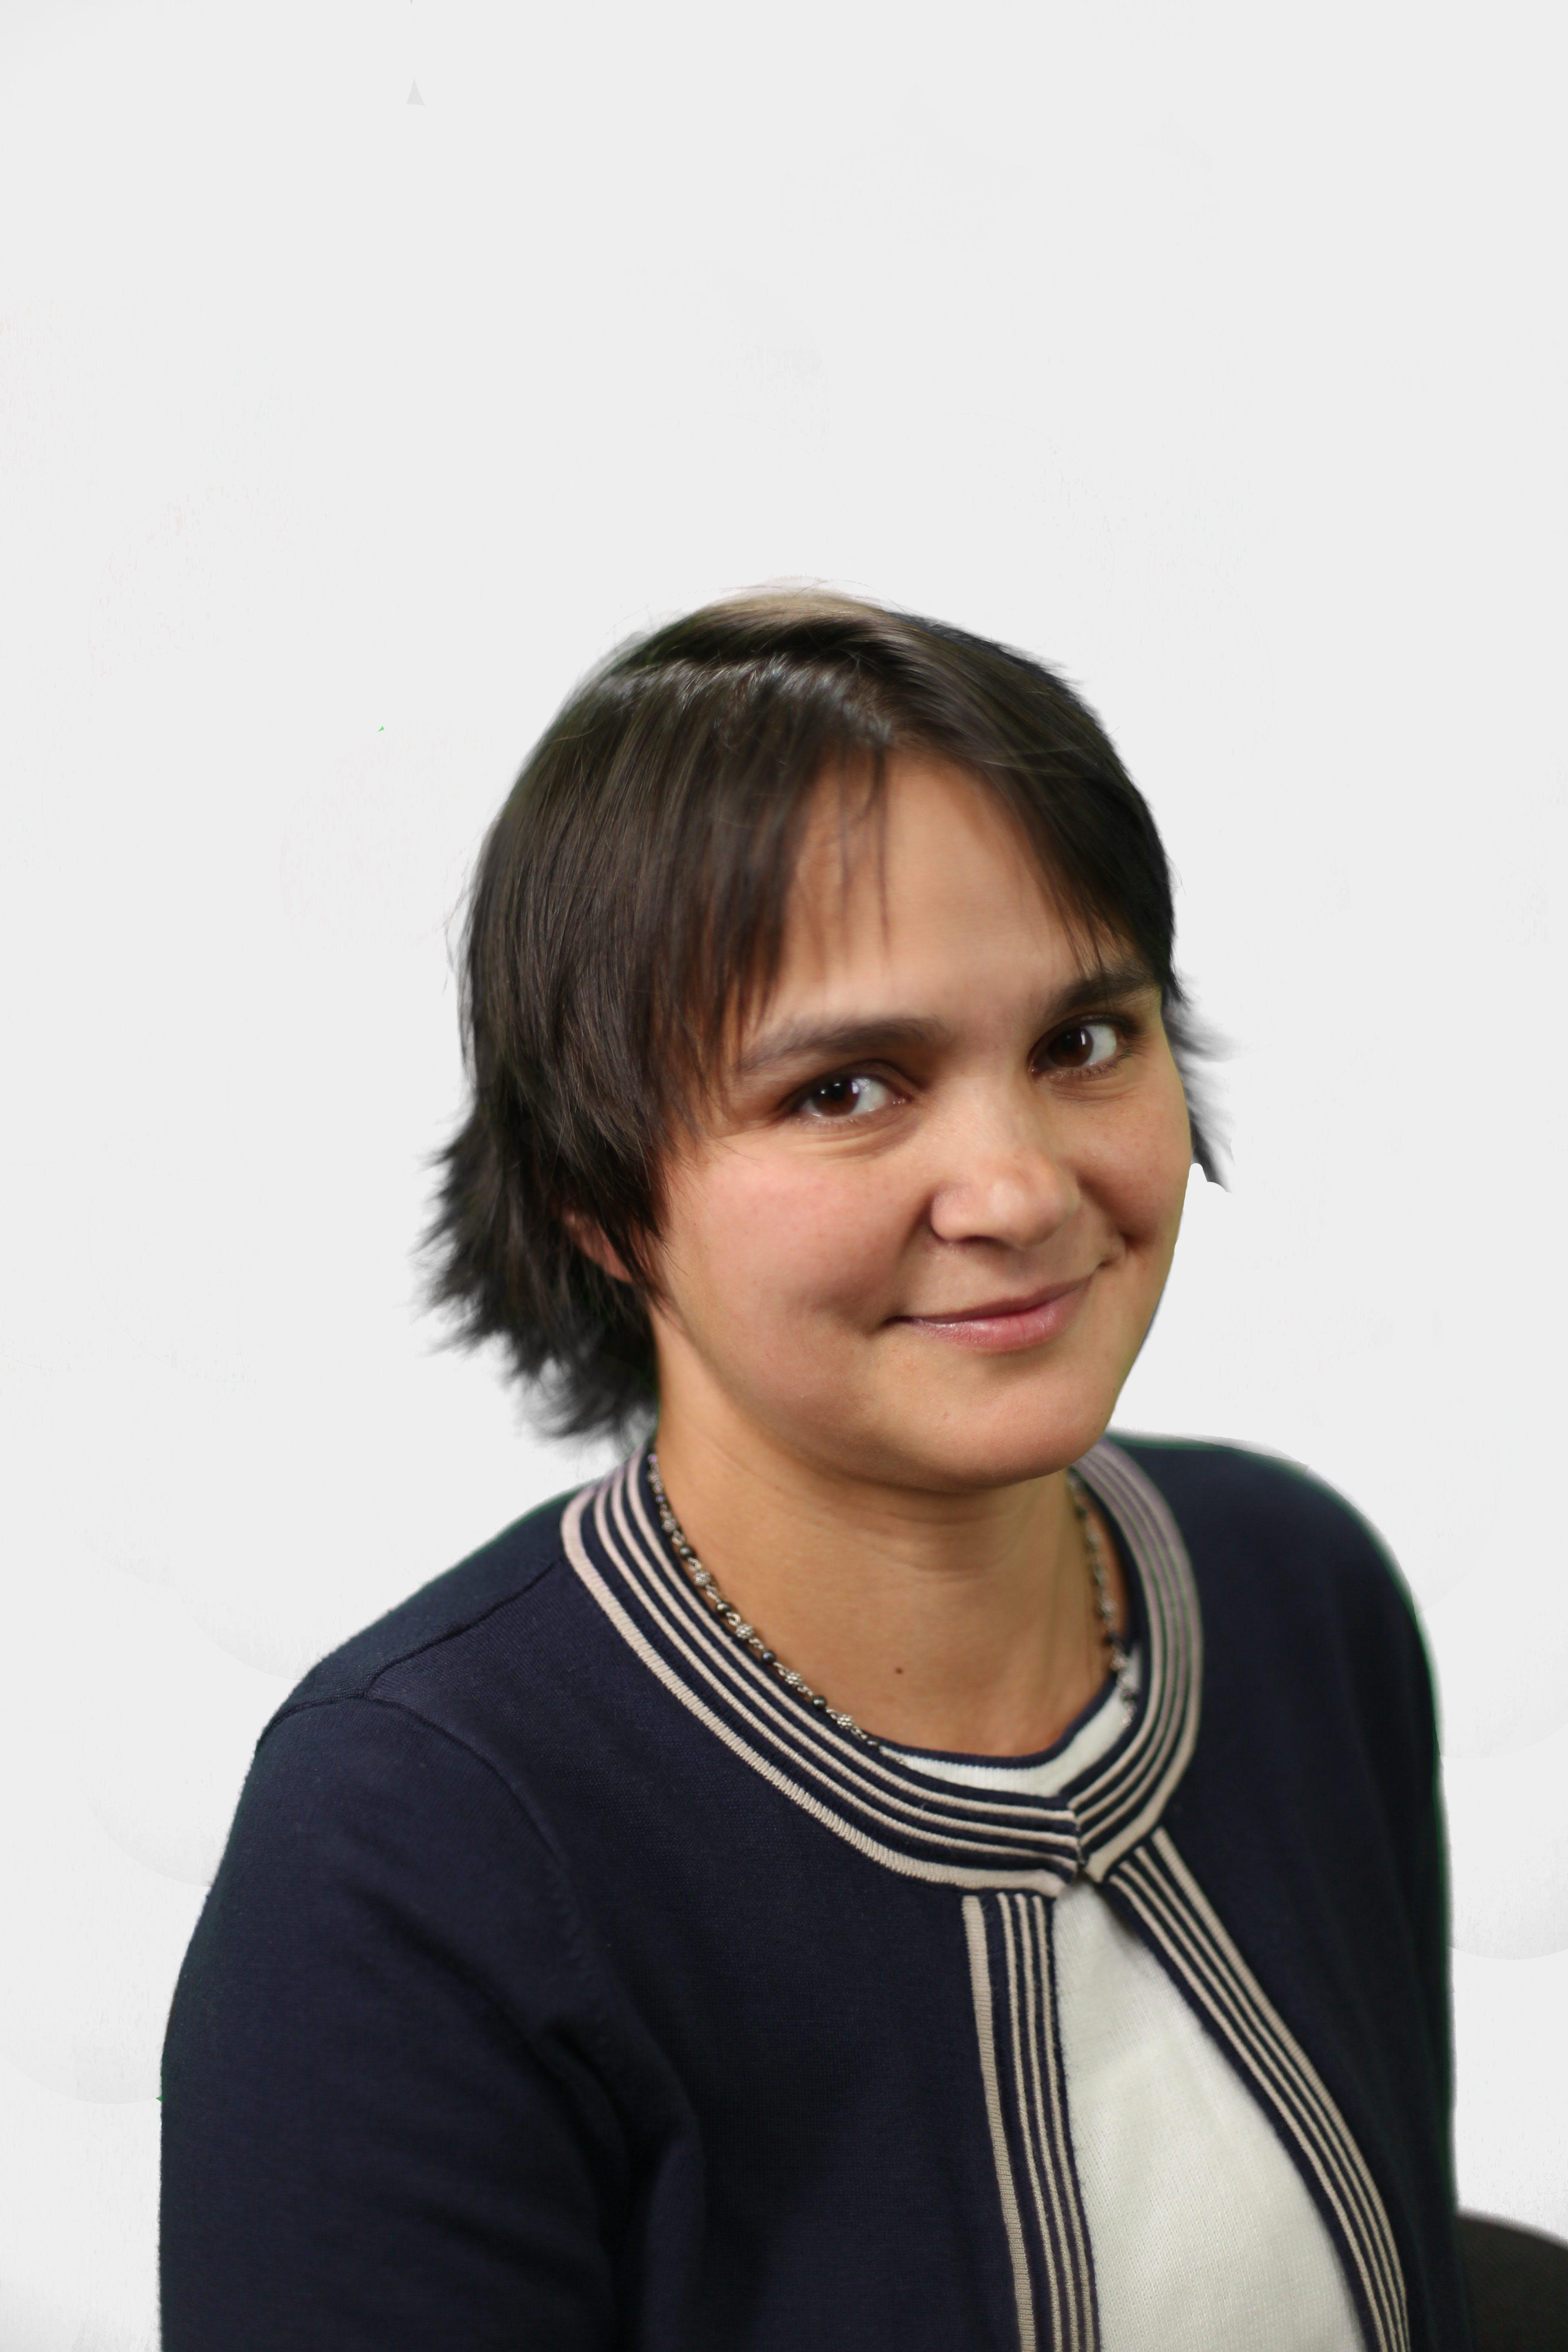 Irina Khovanskaya